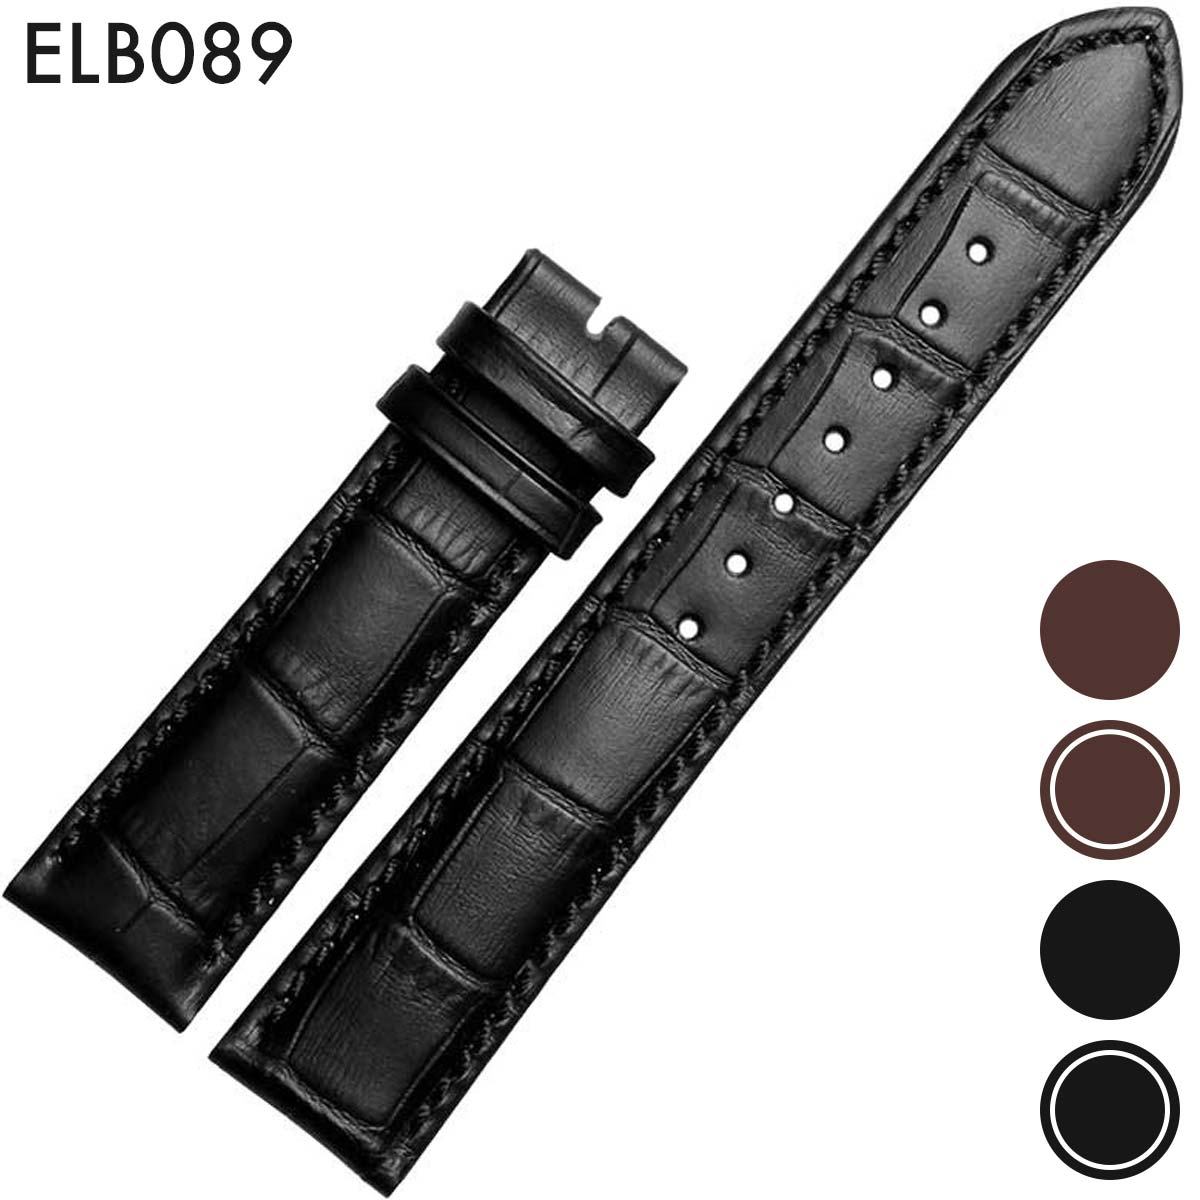 腕時計ベルト 腕時計バンド 替えストラップ 社外品 汎用レザーベルト 革ベルト 取付幅19mm/20mm/21mm/22mm/24mm 適用: Patek Philippe パテック・フィリップ (尾錠)バックルなし [ Eight - ELB089 ]